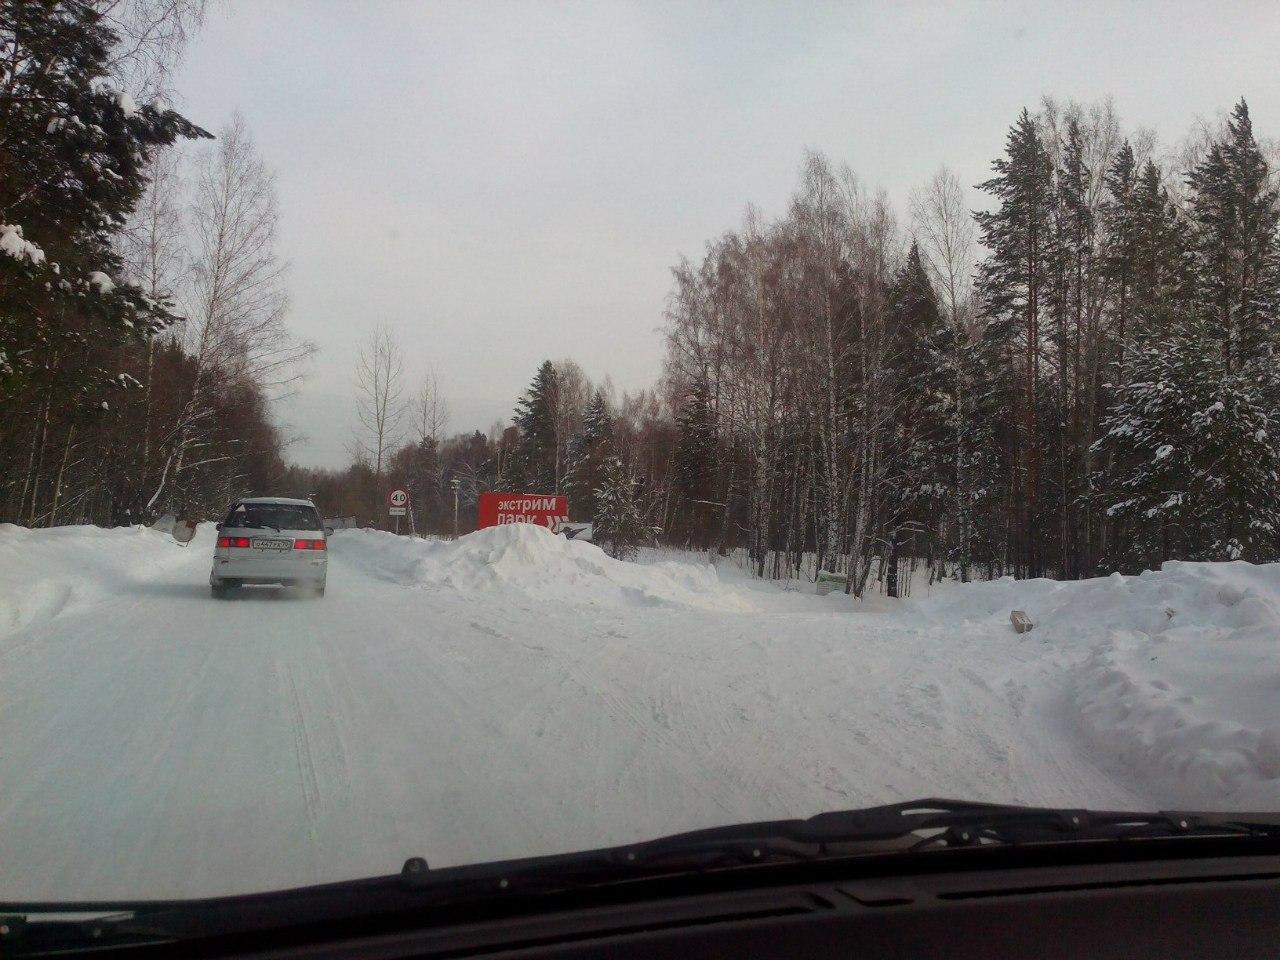 8  марта       3 этап Кубка России по кинологическому спорту (гонка-буксировка)  Kr4xwJ7RA-A